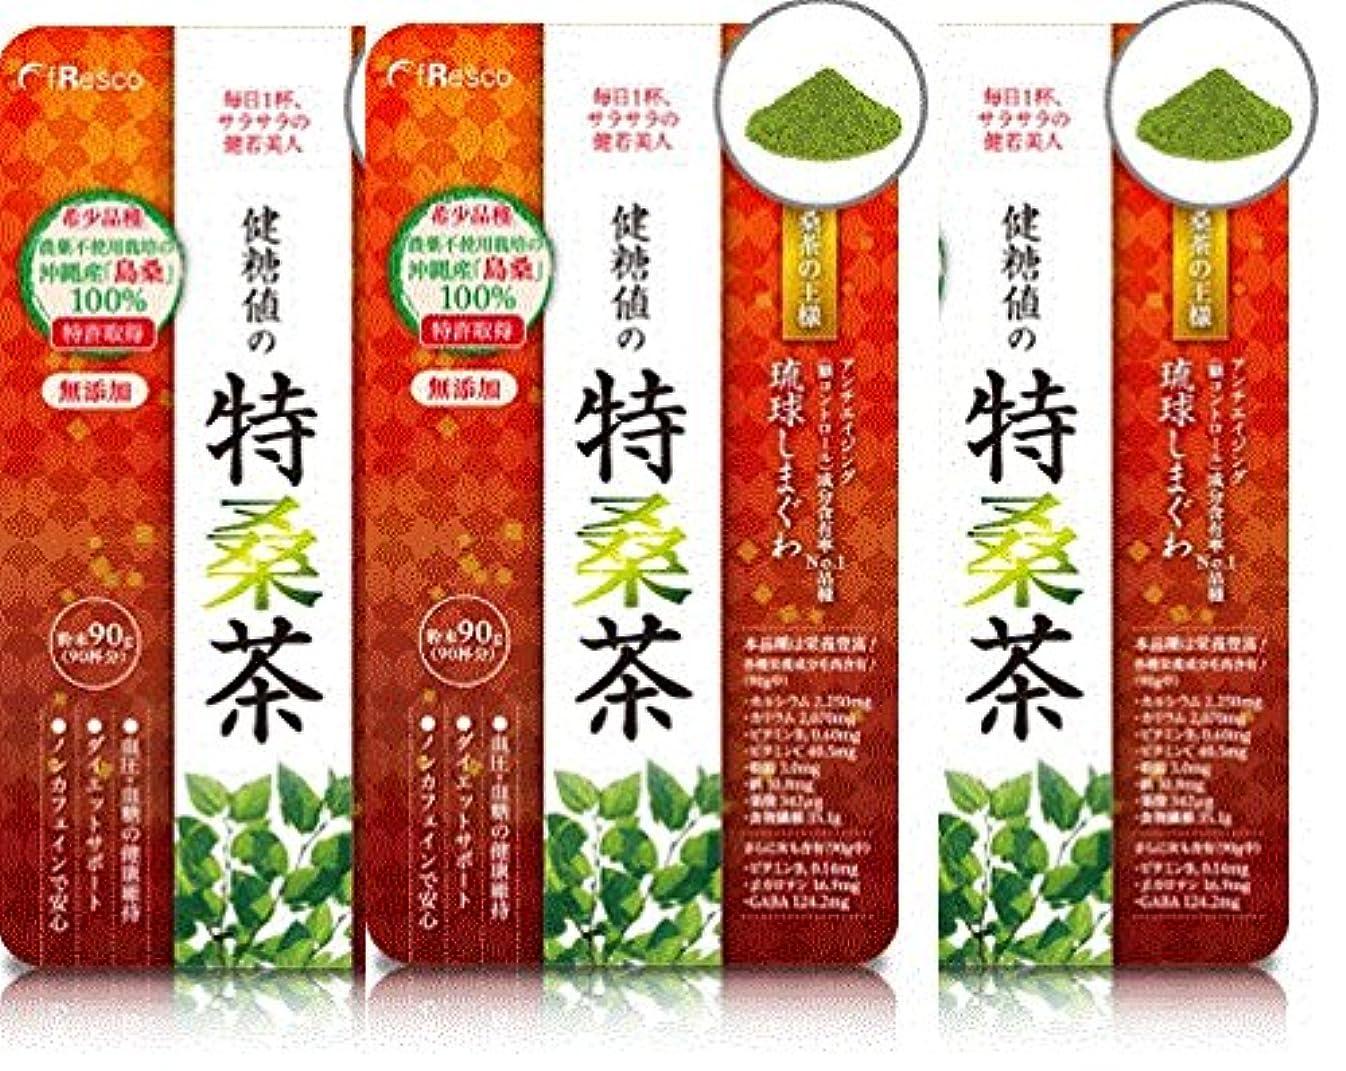 シャンプー自分のために悪化させる桑茶の王様 琉球しまぐわ 健糖値の特桑茶 270g(90g × 3袋) 【5%OFF】【送料無料】